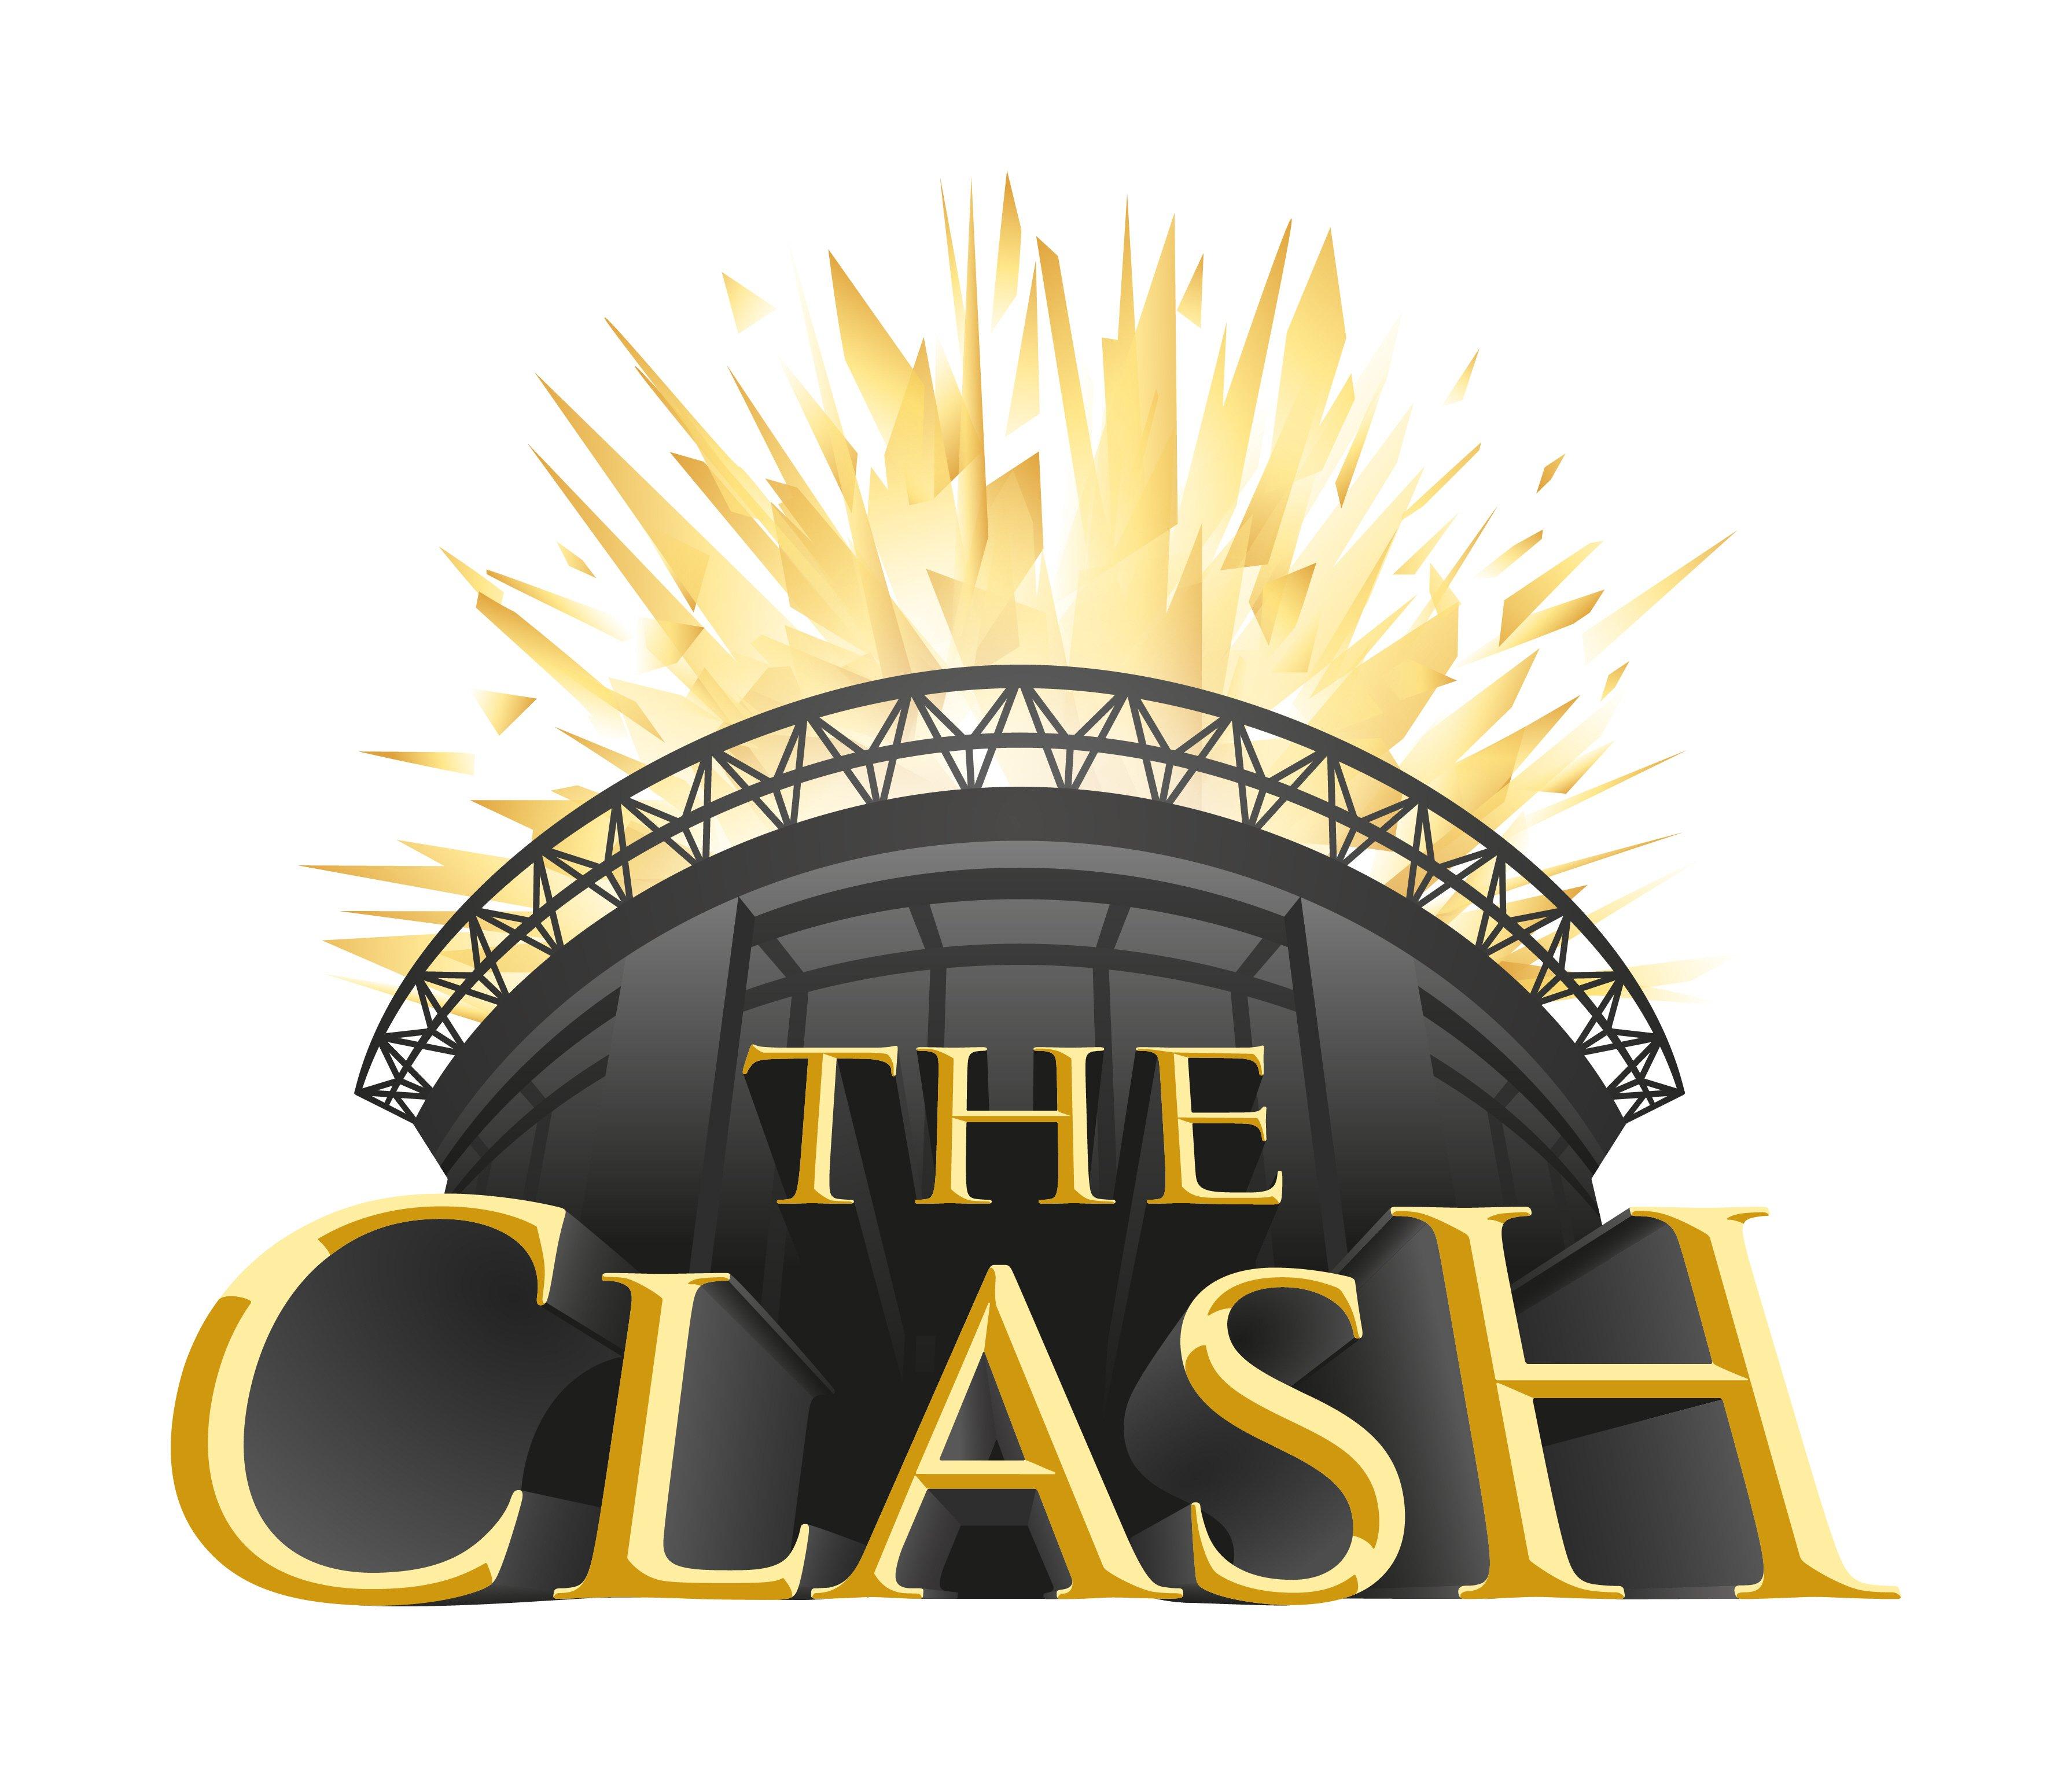 Bath Rugby Club The Clash